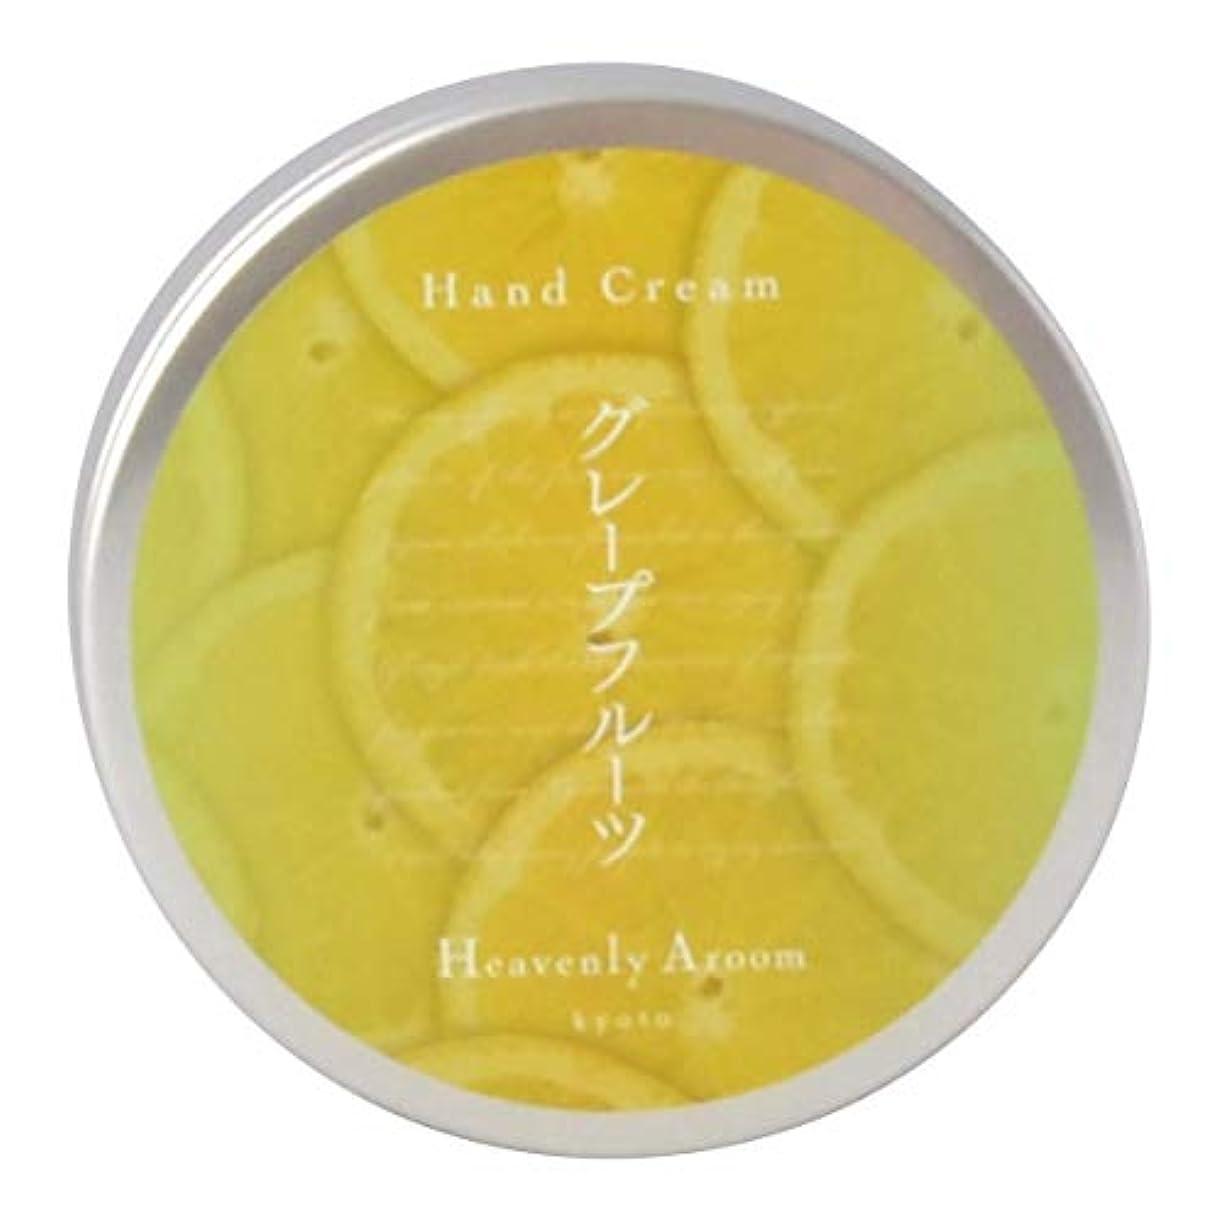 地質学漂流密Heavenly Aroom ハンドクリーム グレープフルーツ 30g